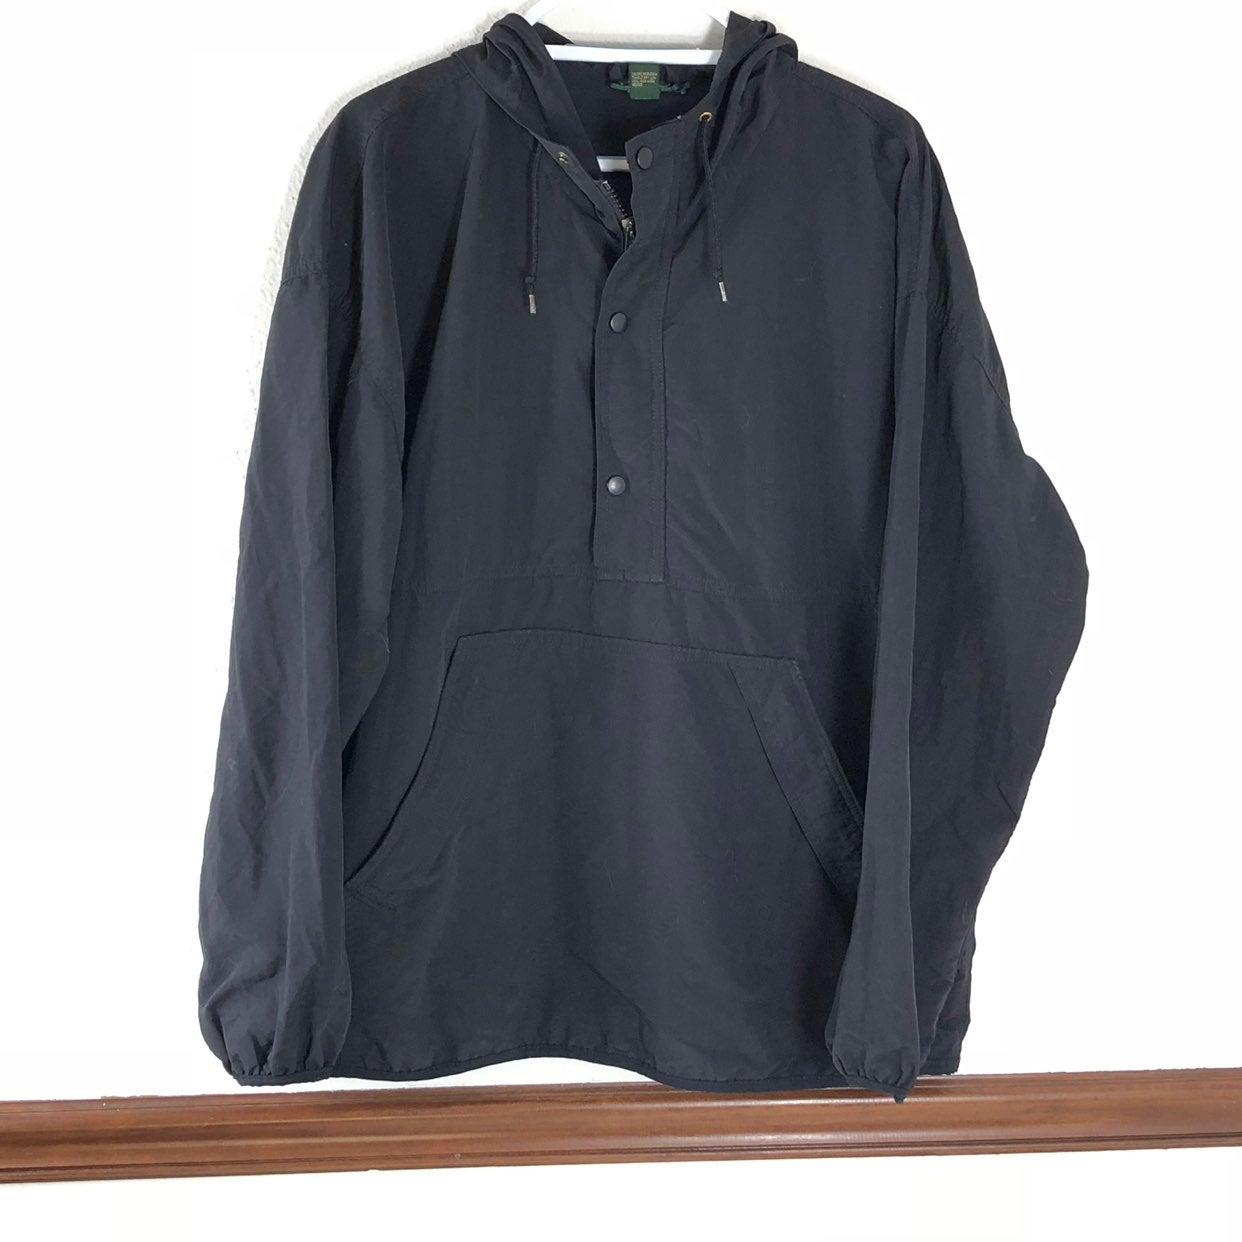 J Crew Men's Pullover Jacket Sz L